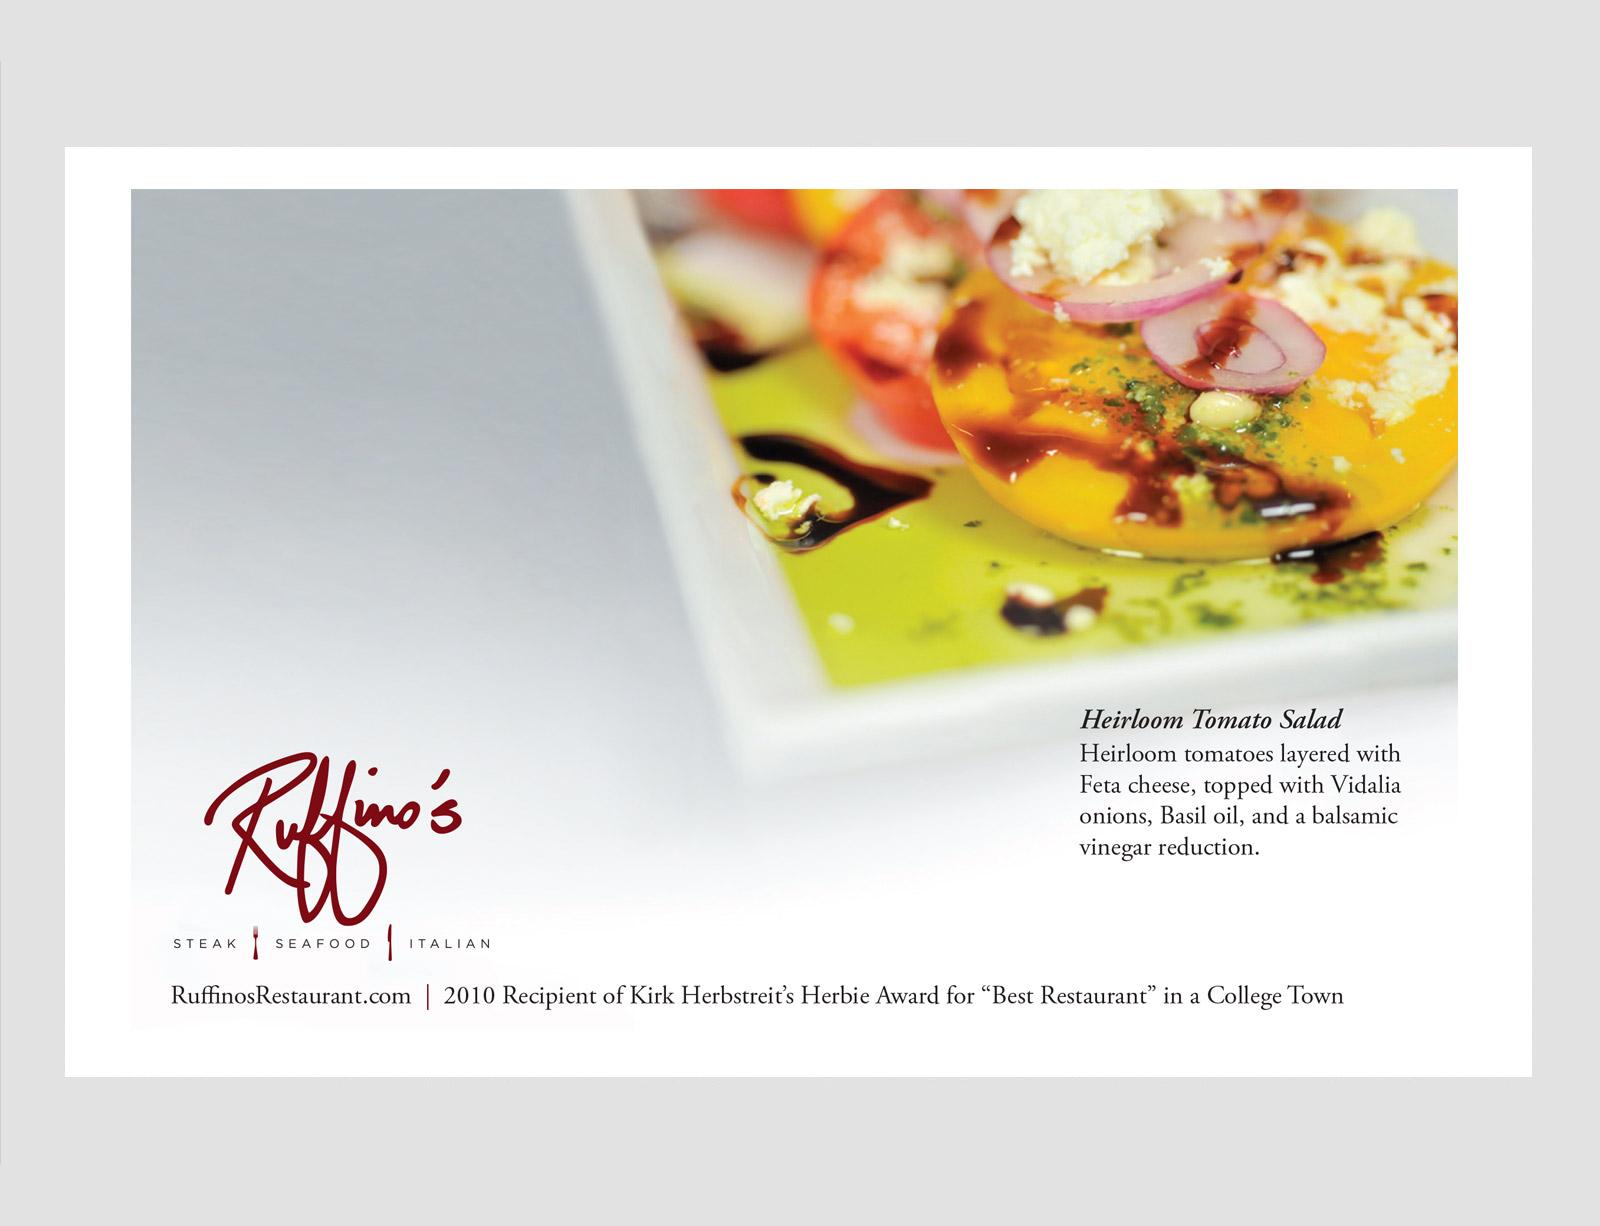 PRINT_Ruffinos_Tomatoes.jpg